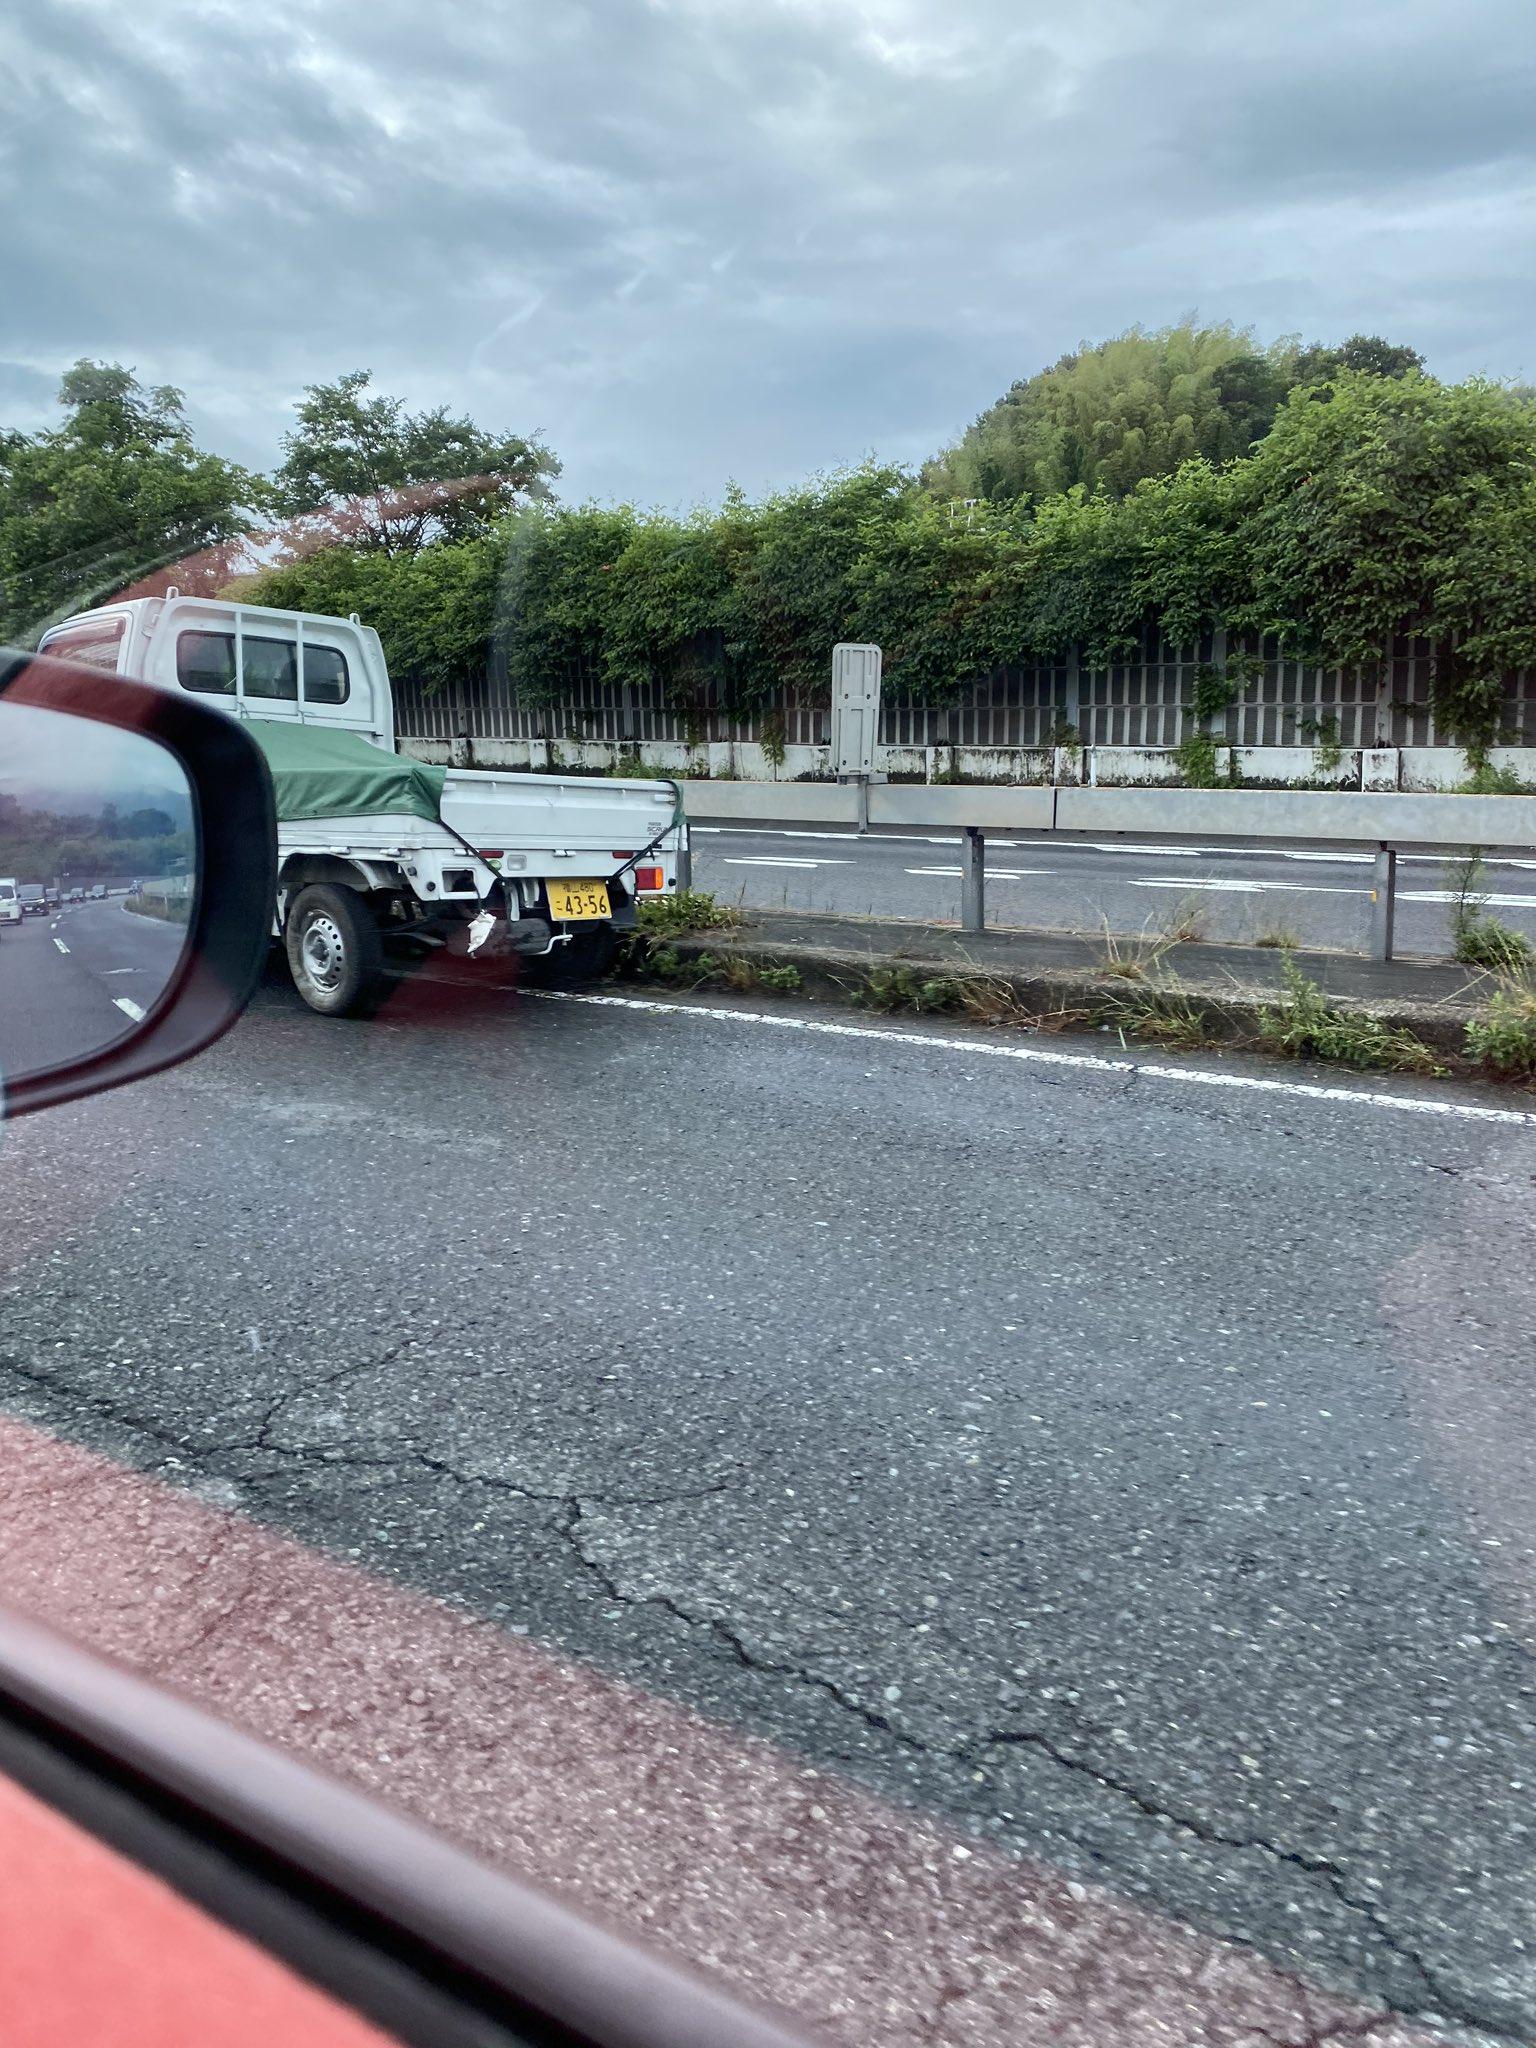 尾道バイパスで軽トラが中央分離帯に衝突している事故現場の画像